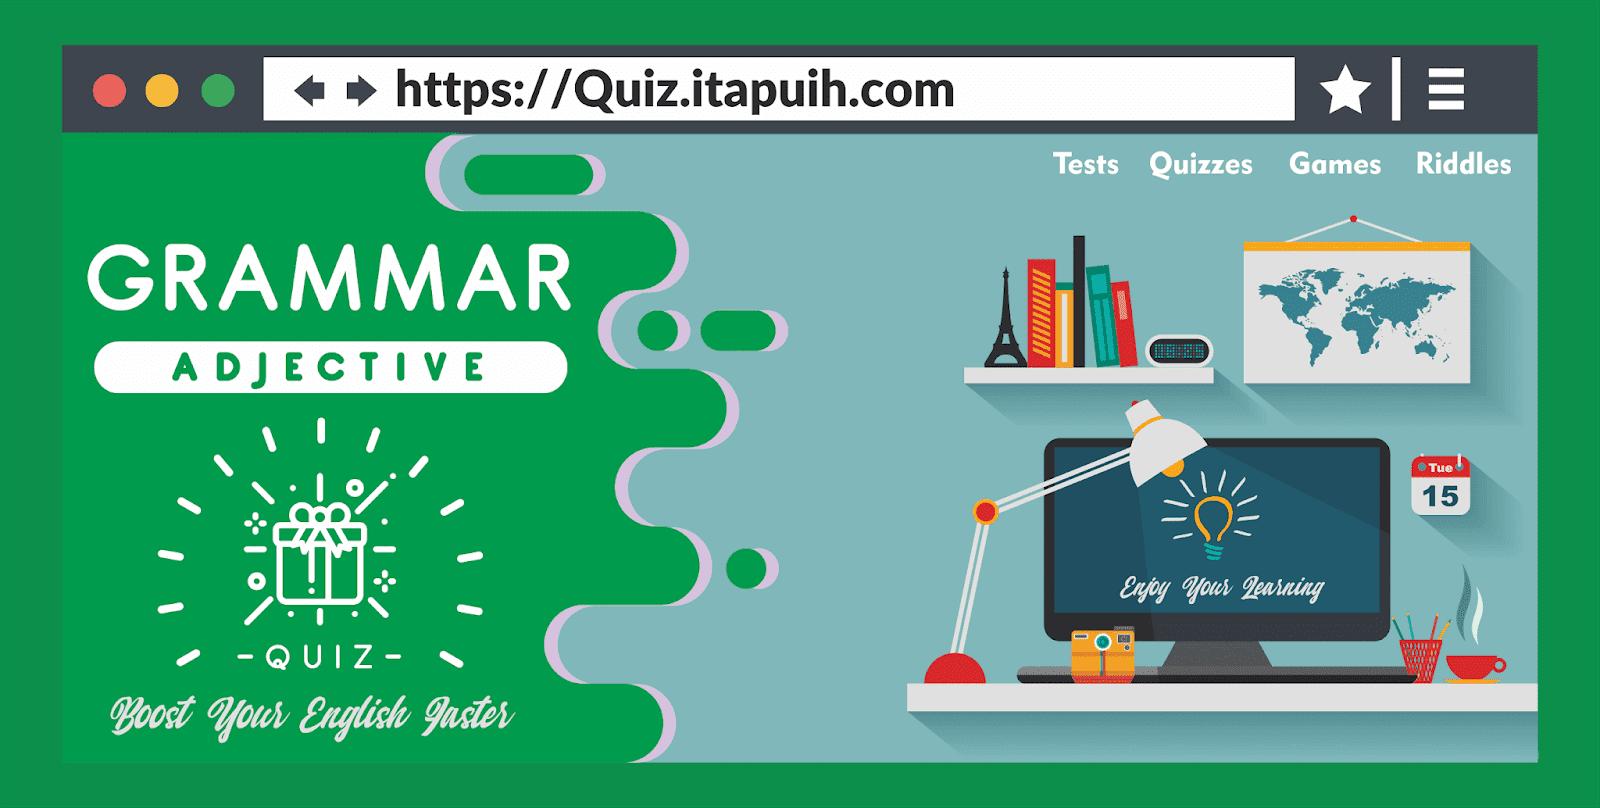 10 Soal Bahasa Inggris Adjective dan Jawabannnya